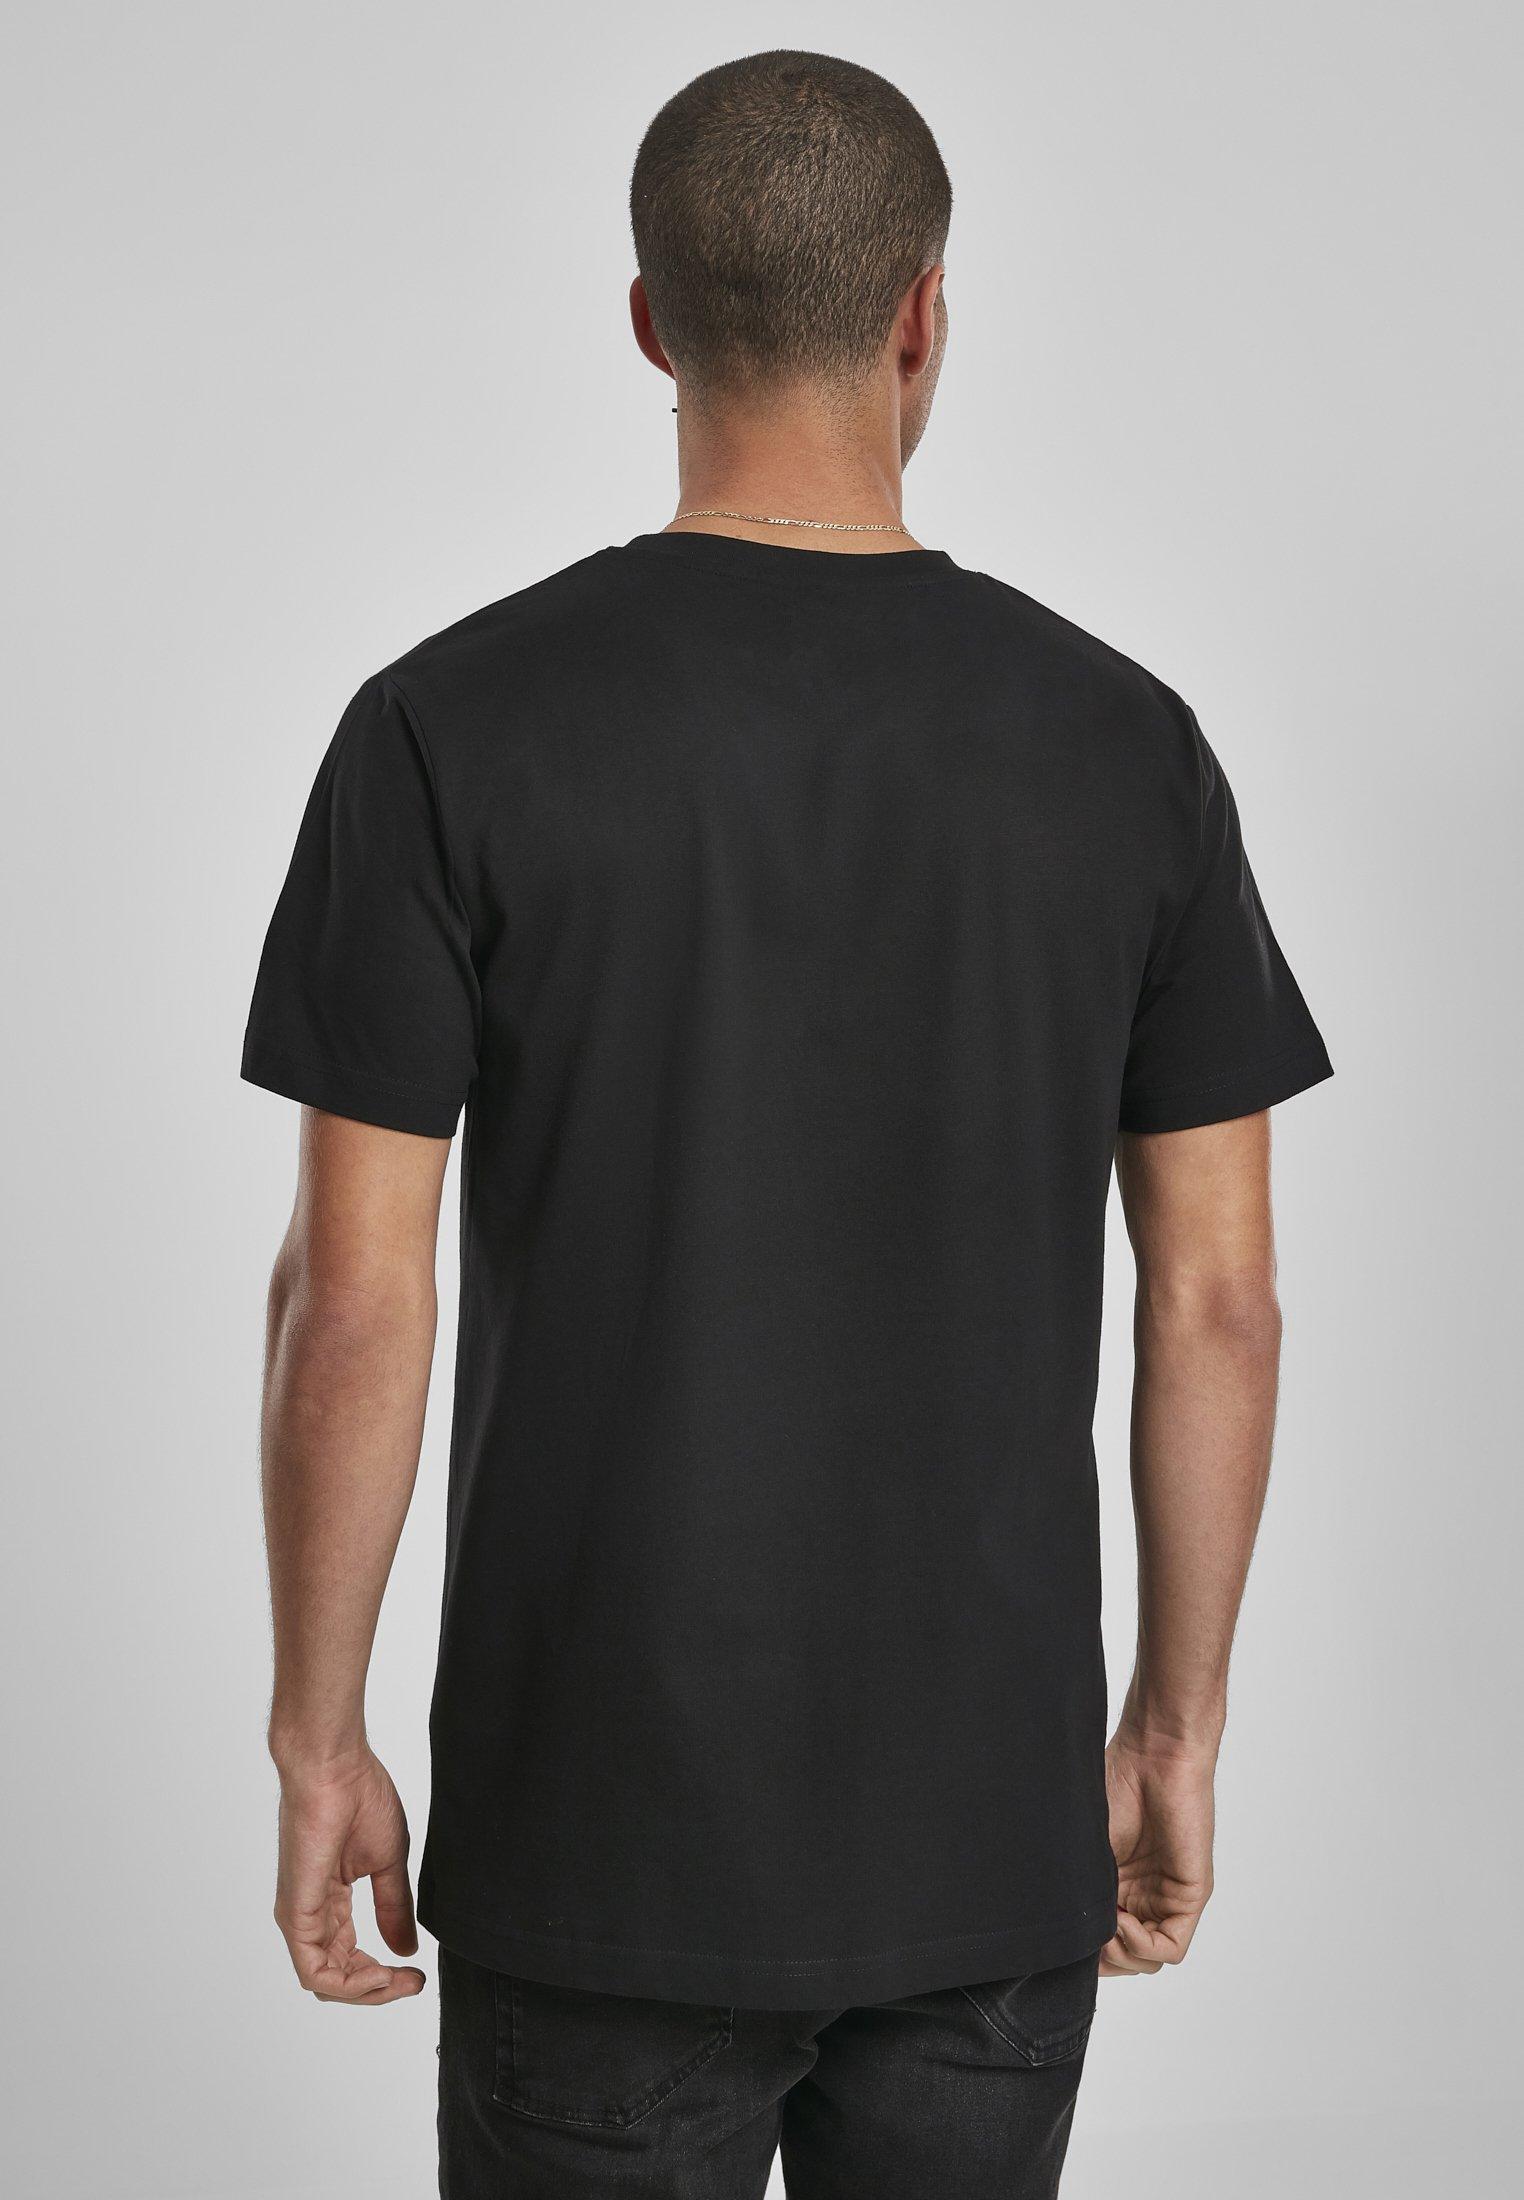 Mister Tee Print T-shirt - black 3KJZe